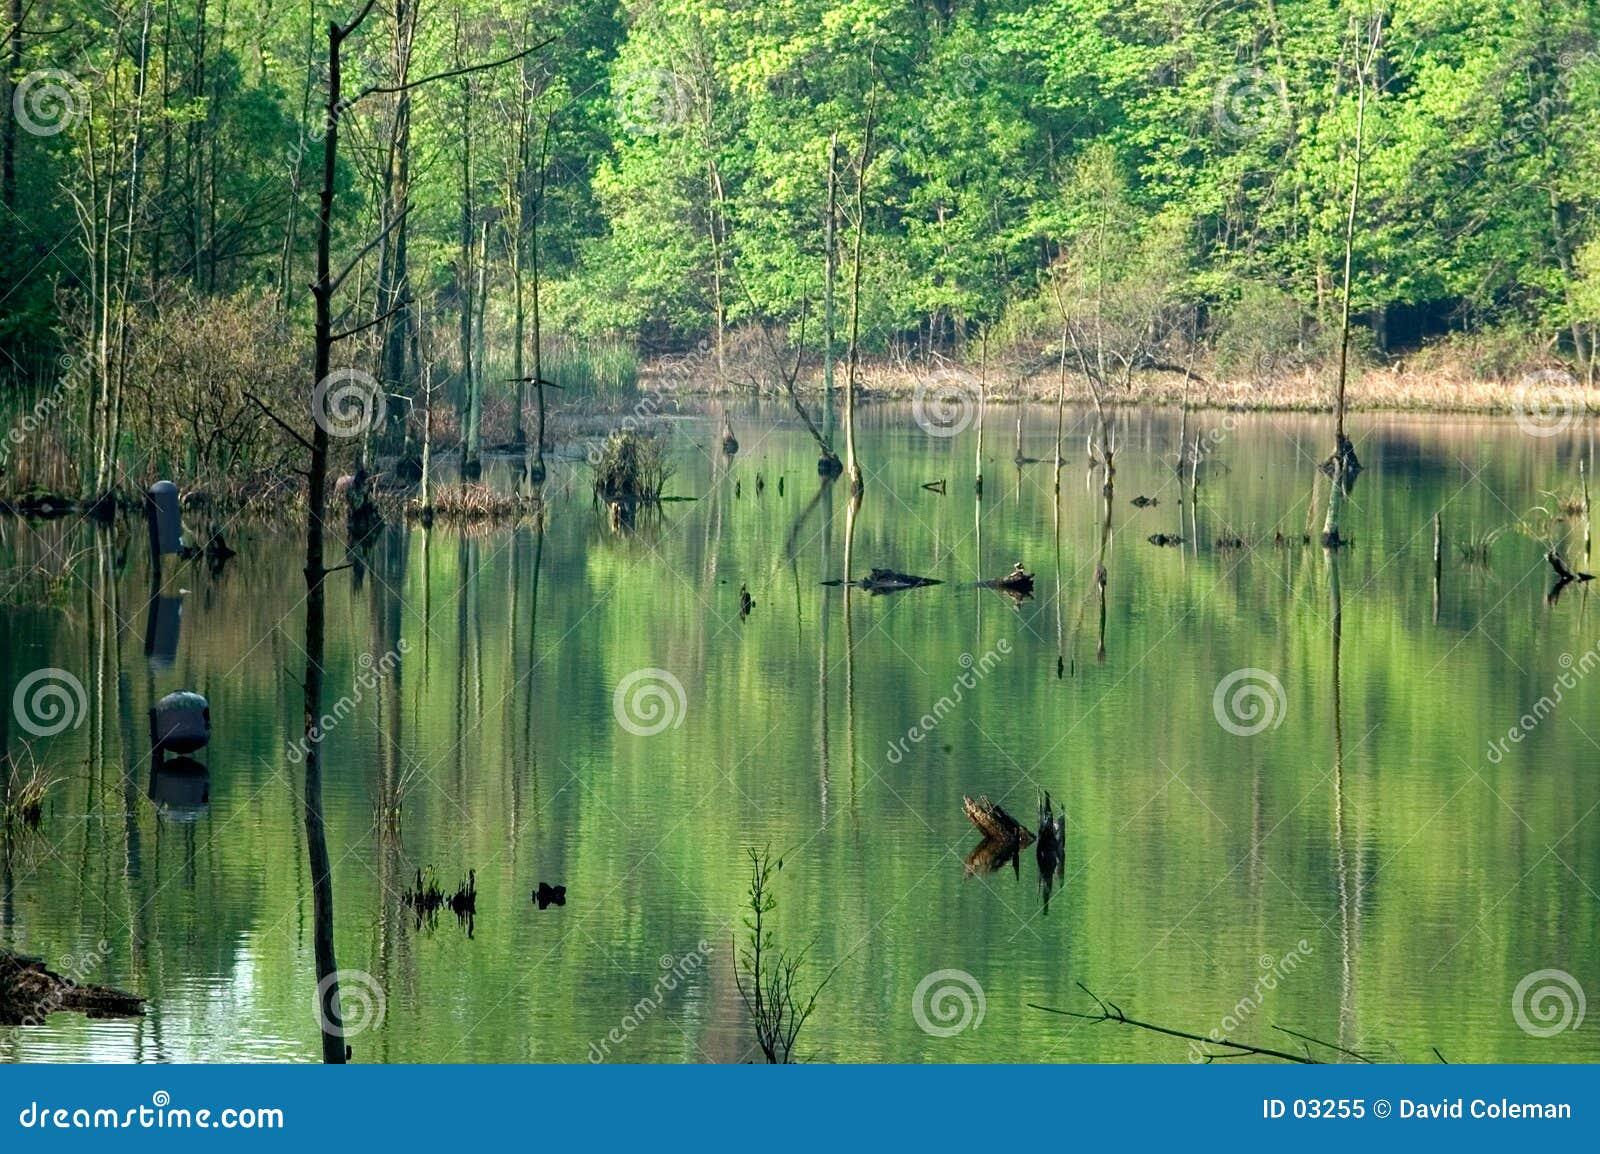 Isaac lake